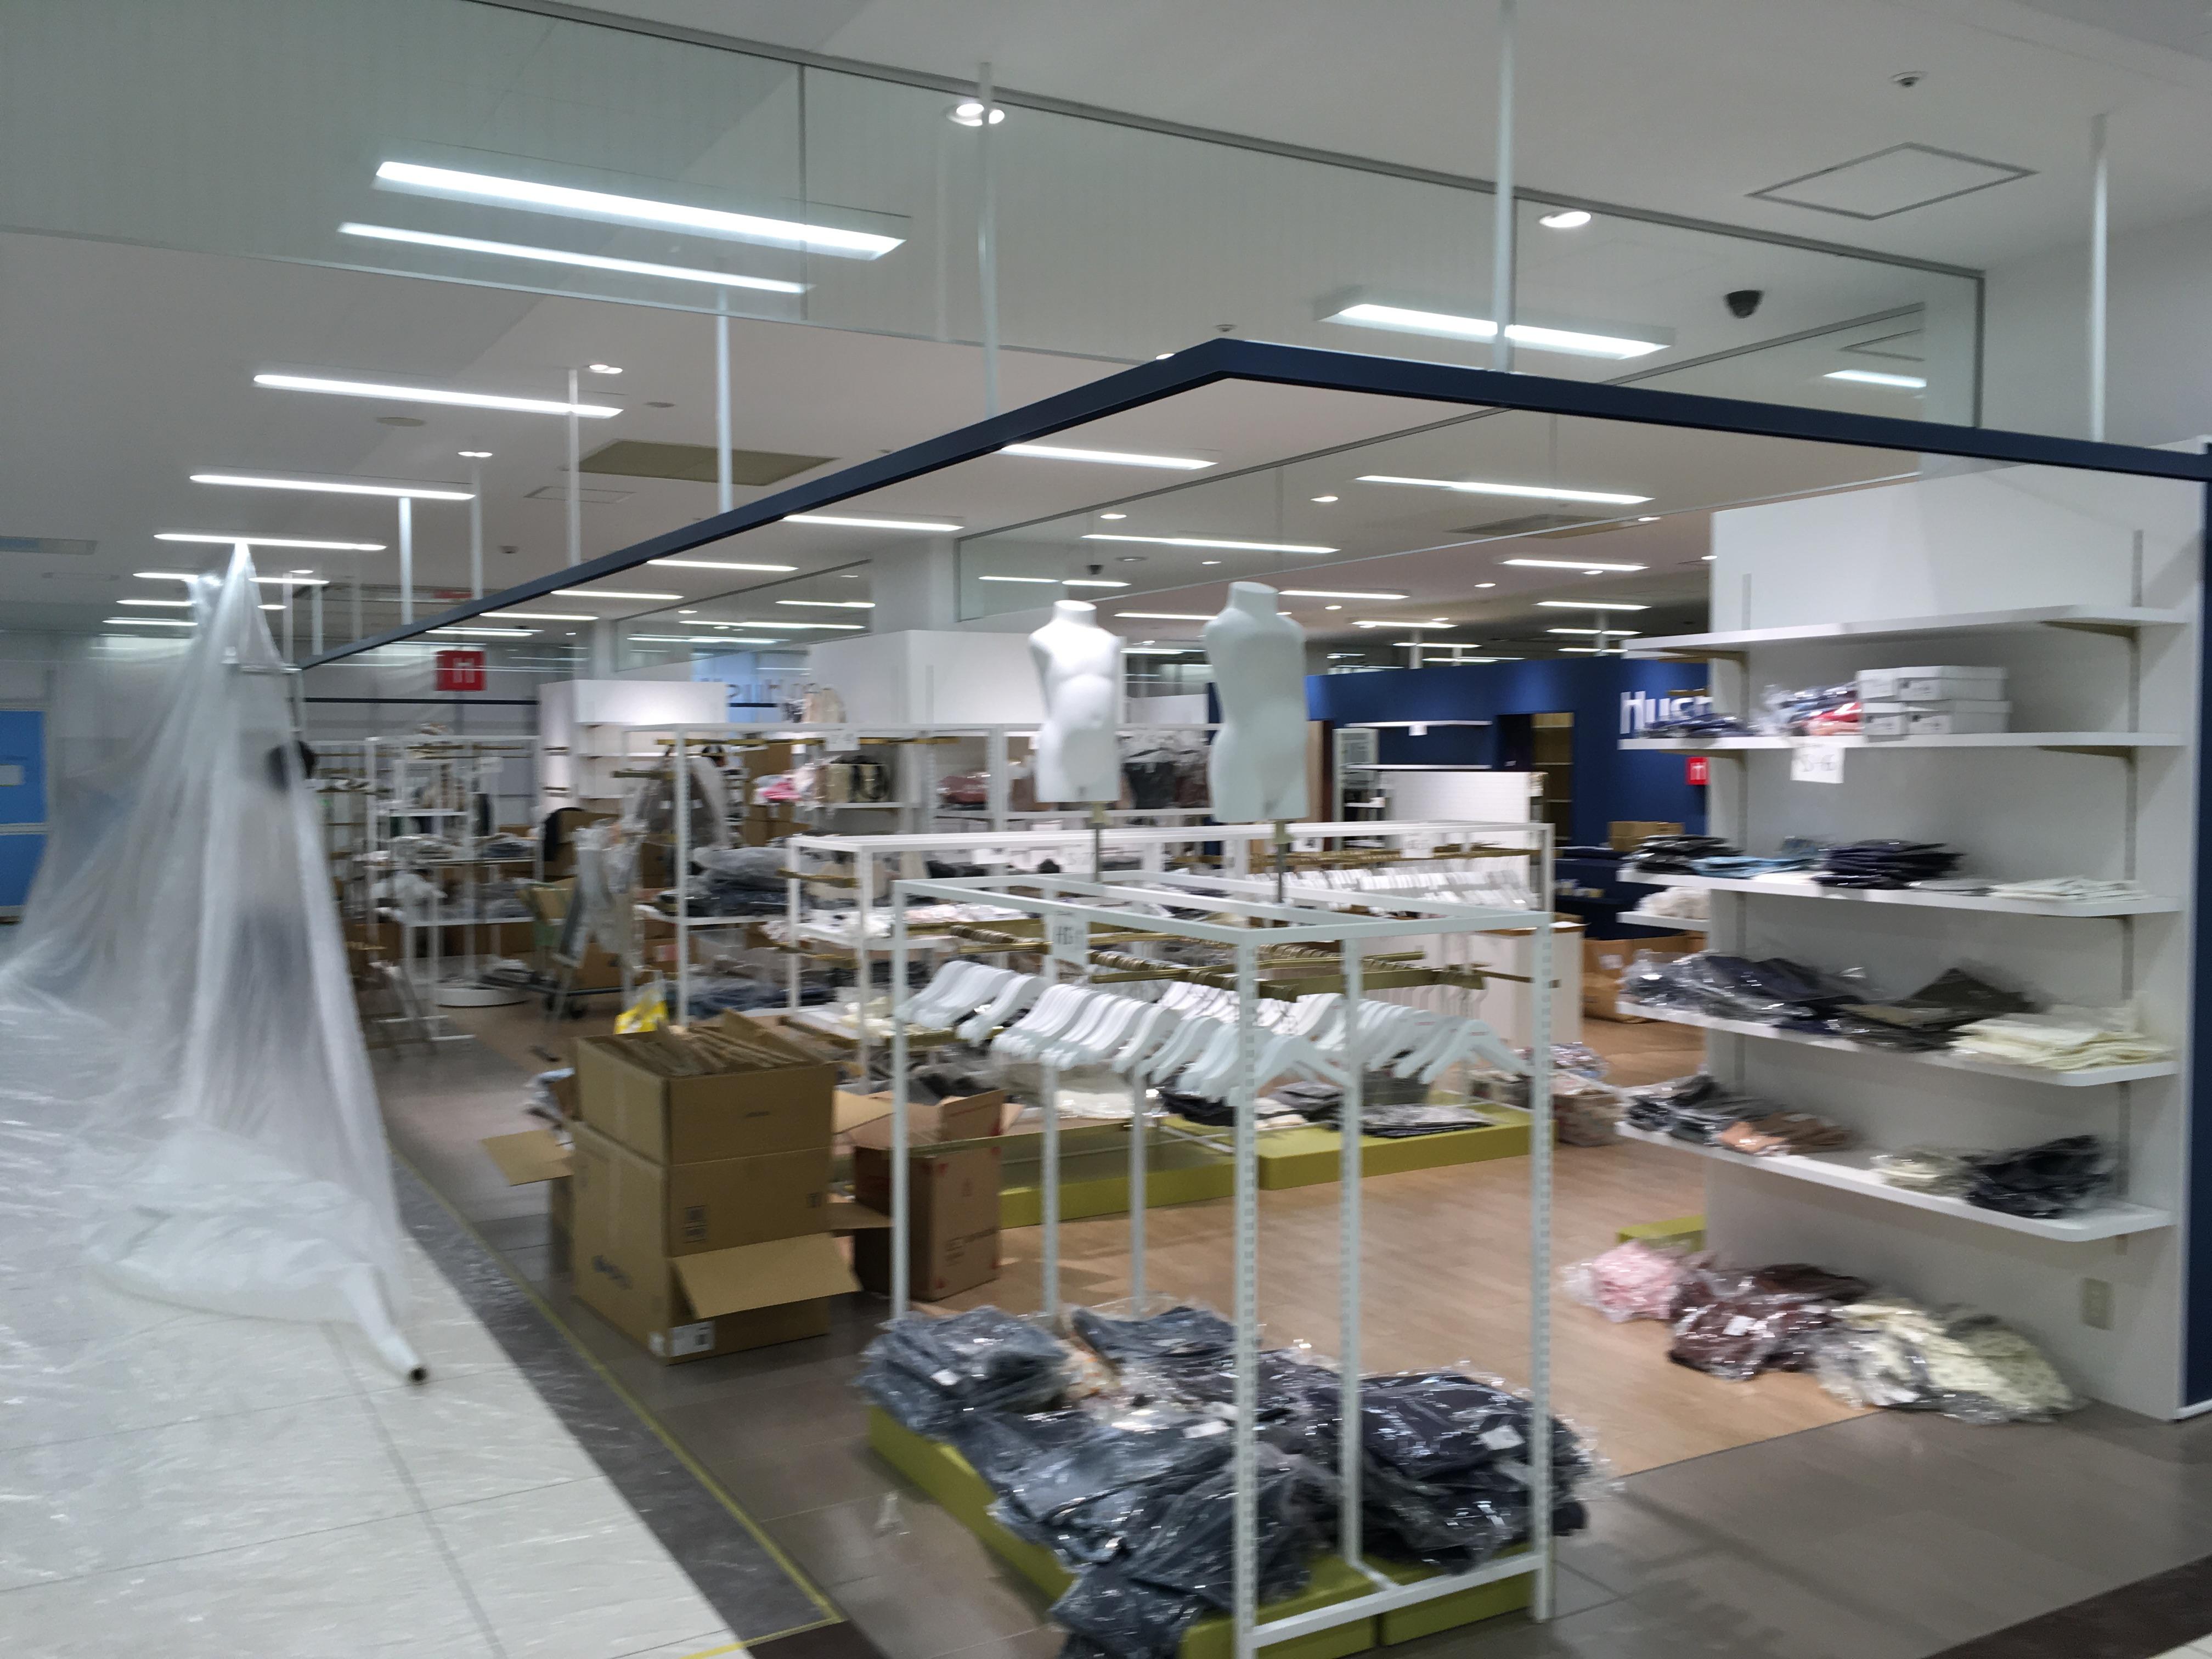 ハッシュアッシュ イオン小樽店 新装工事